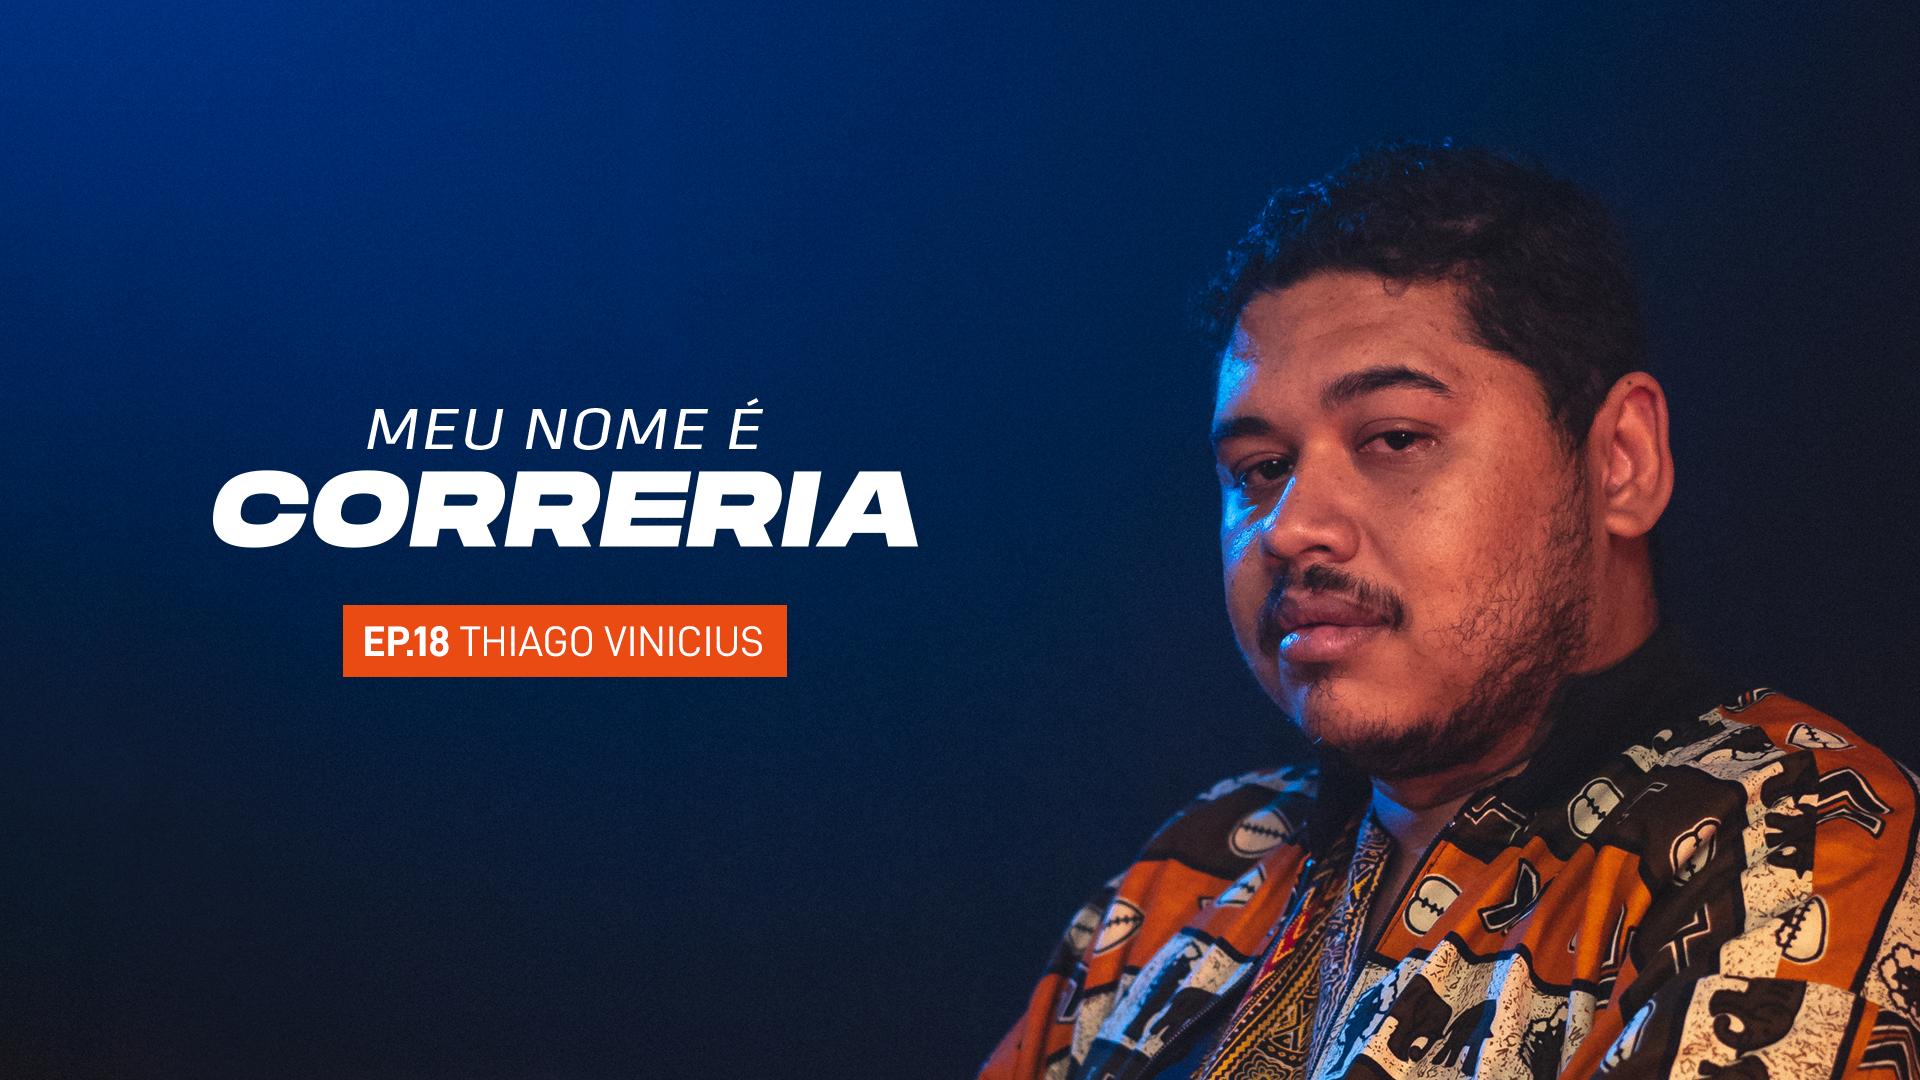 Thiago Vinicius